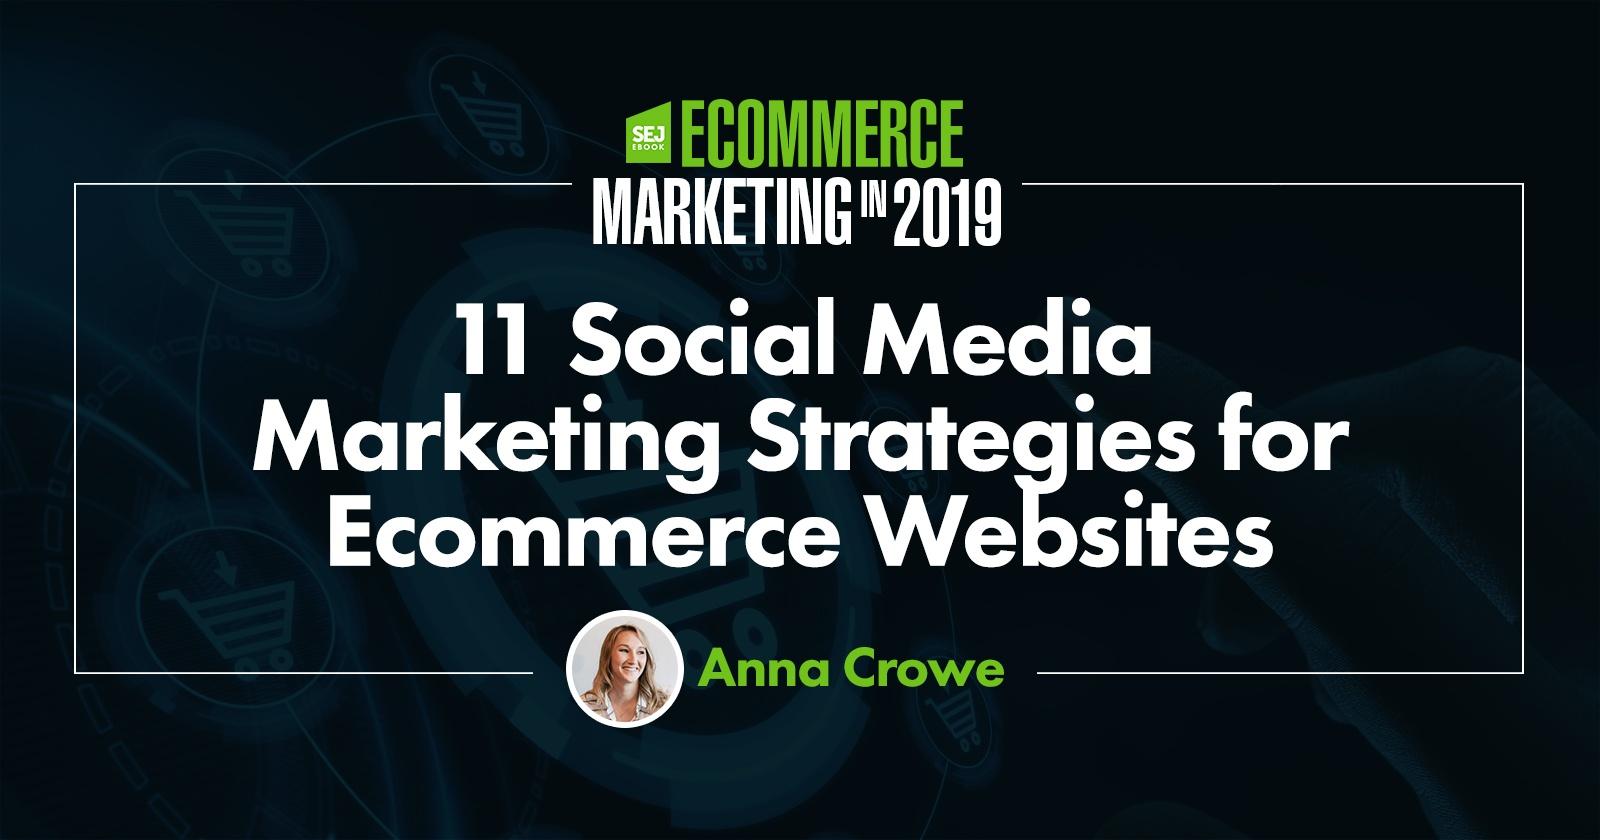 11 stratégies de marketing par les médias sociaux pour les sites Web de commerce électronique